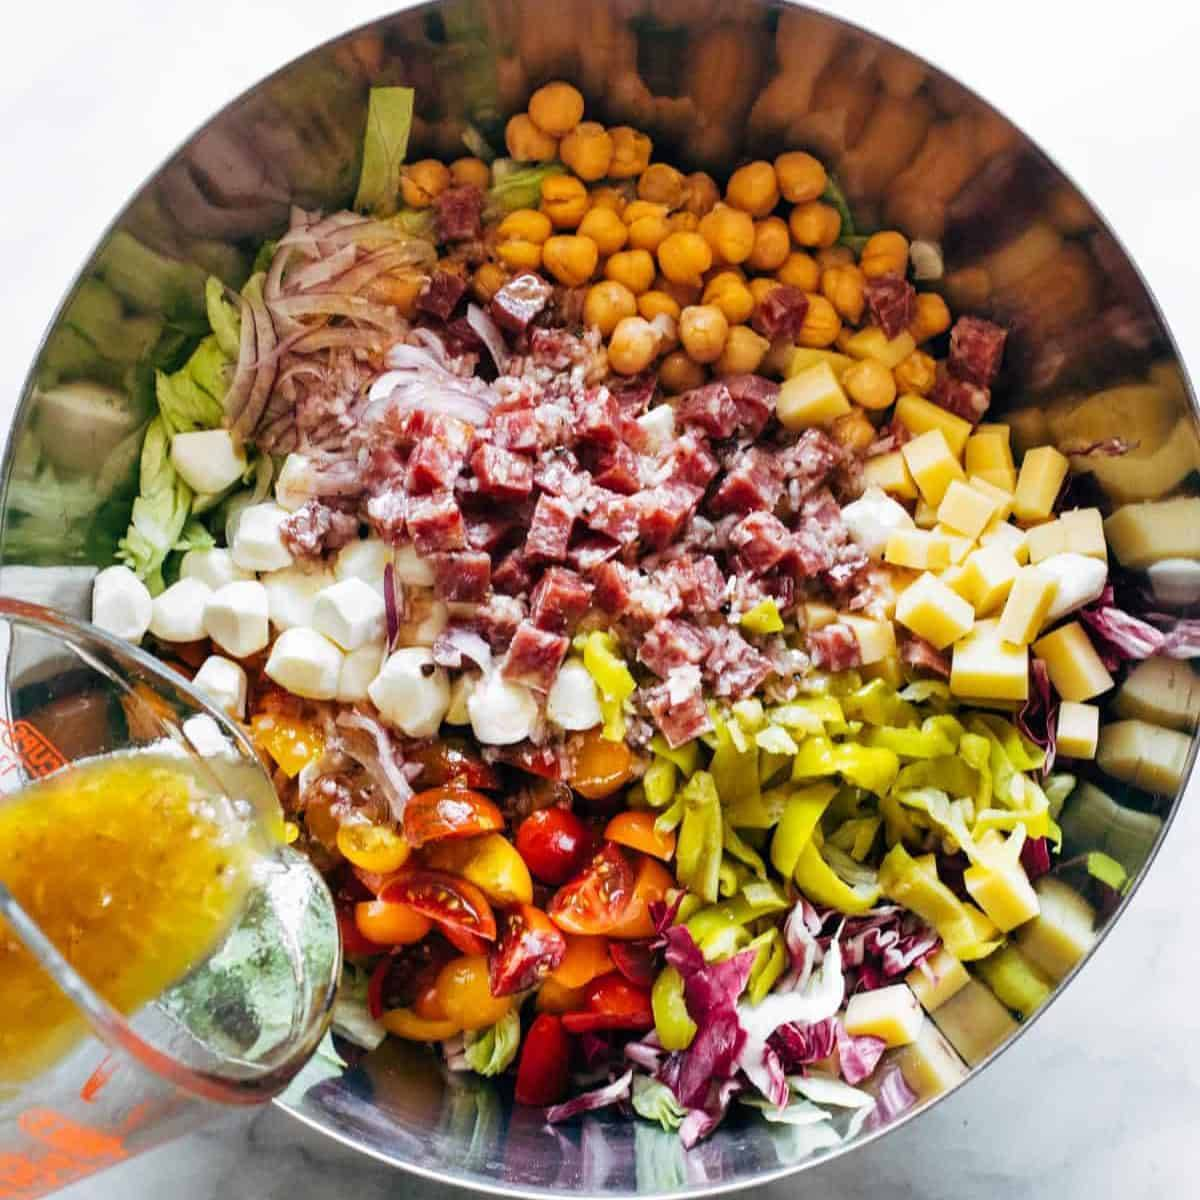 The LA chop salad in a bowl.